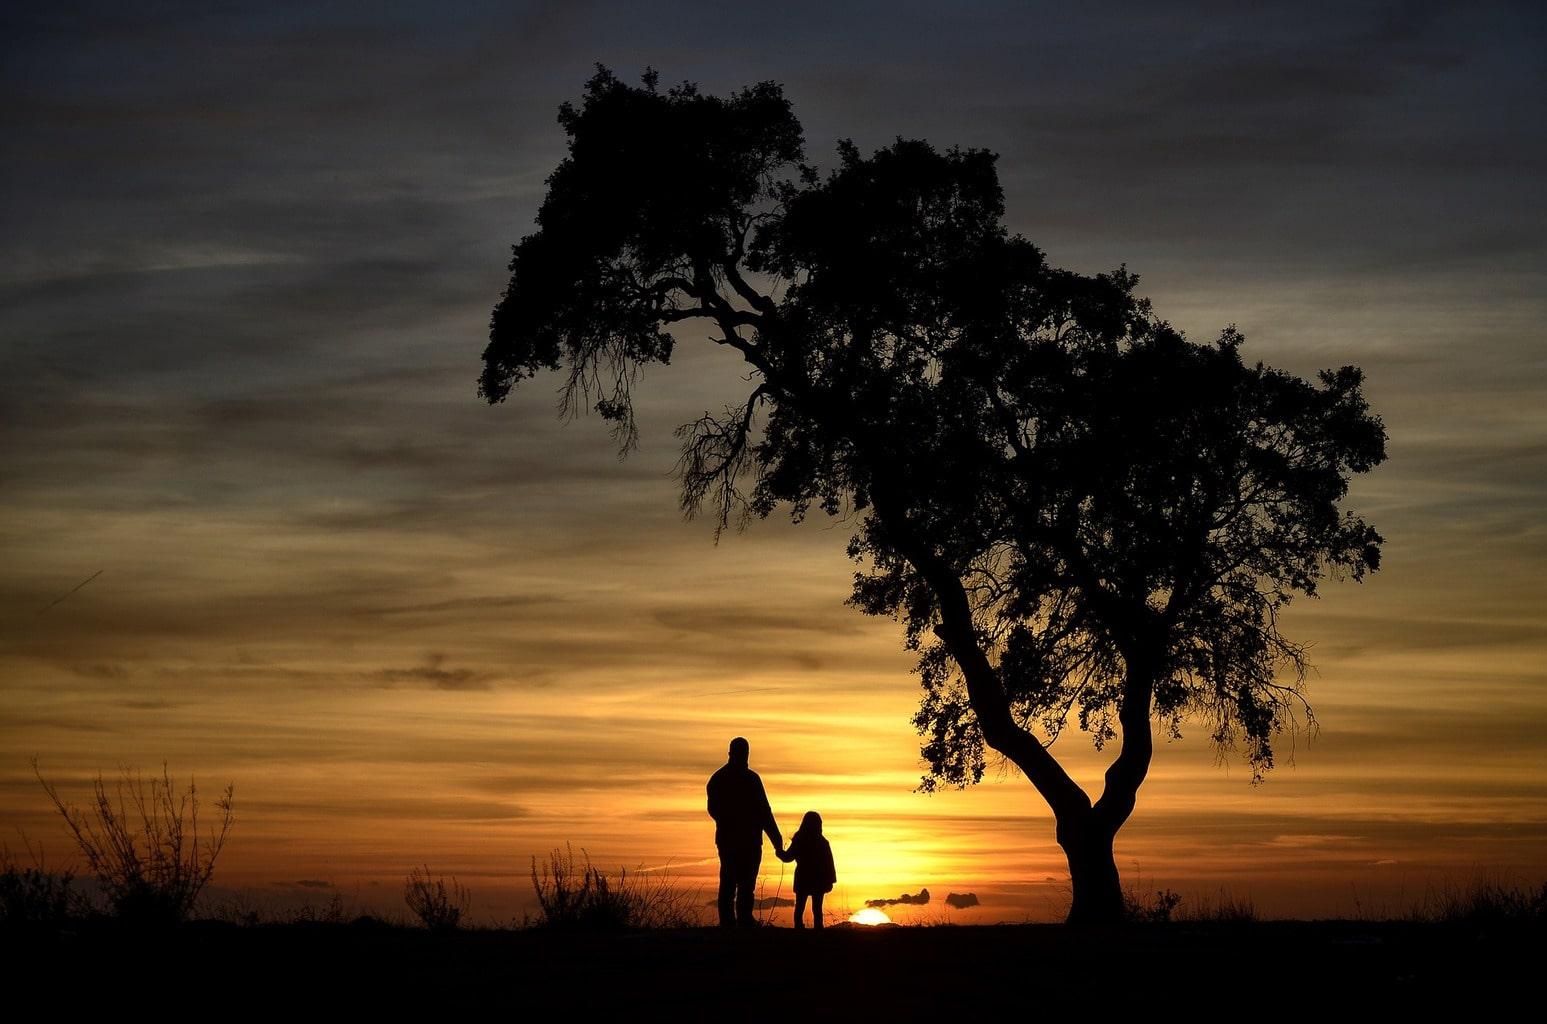 Fotografía siluetas de un hombre con una niña